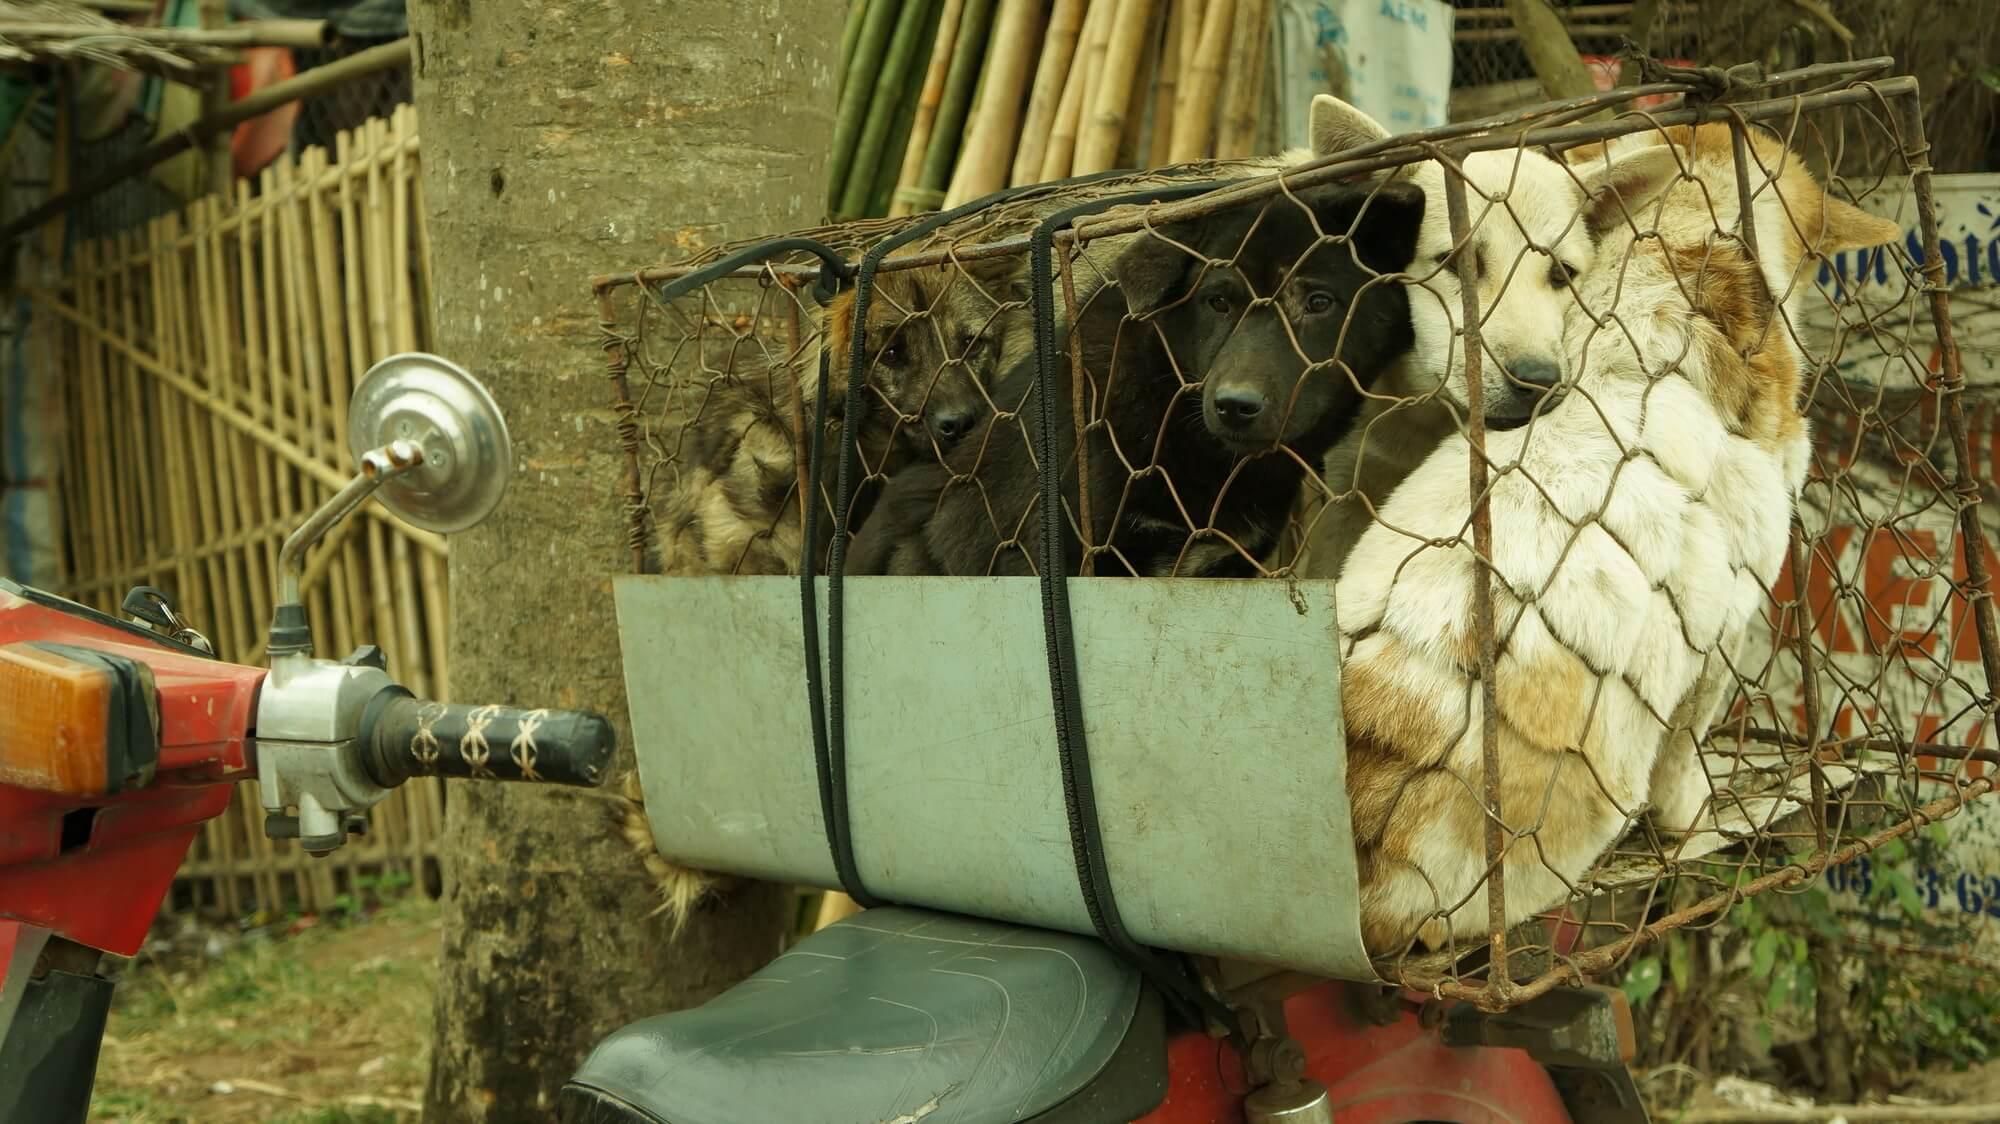 handlarz objeżdża wioski i zbiera psy, które następnie trafią na stoły